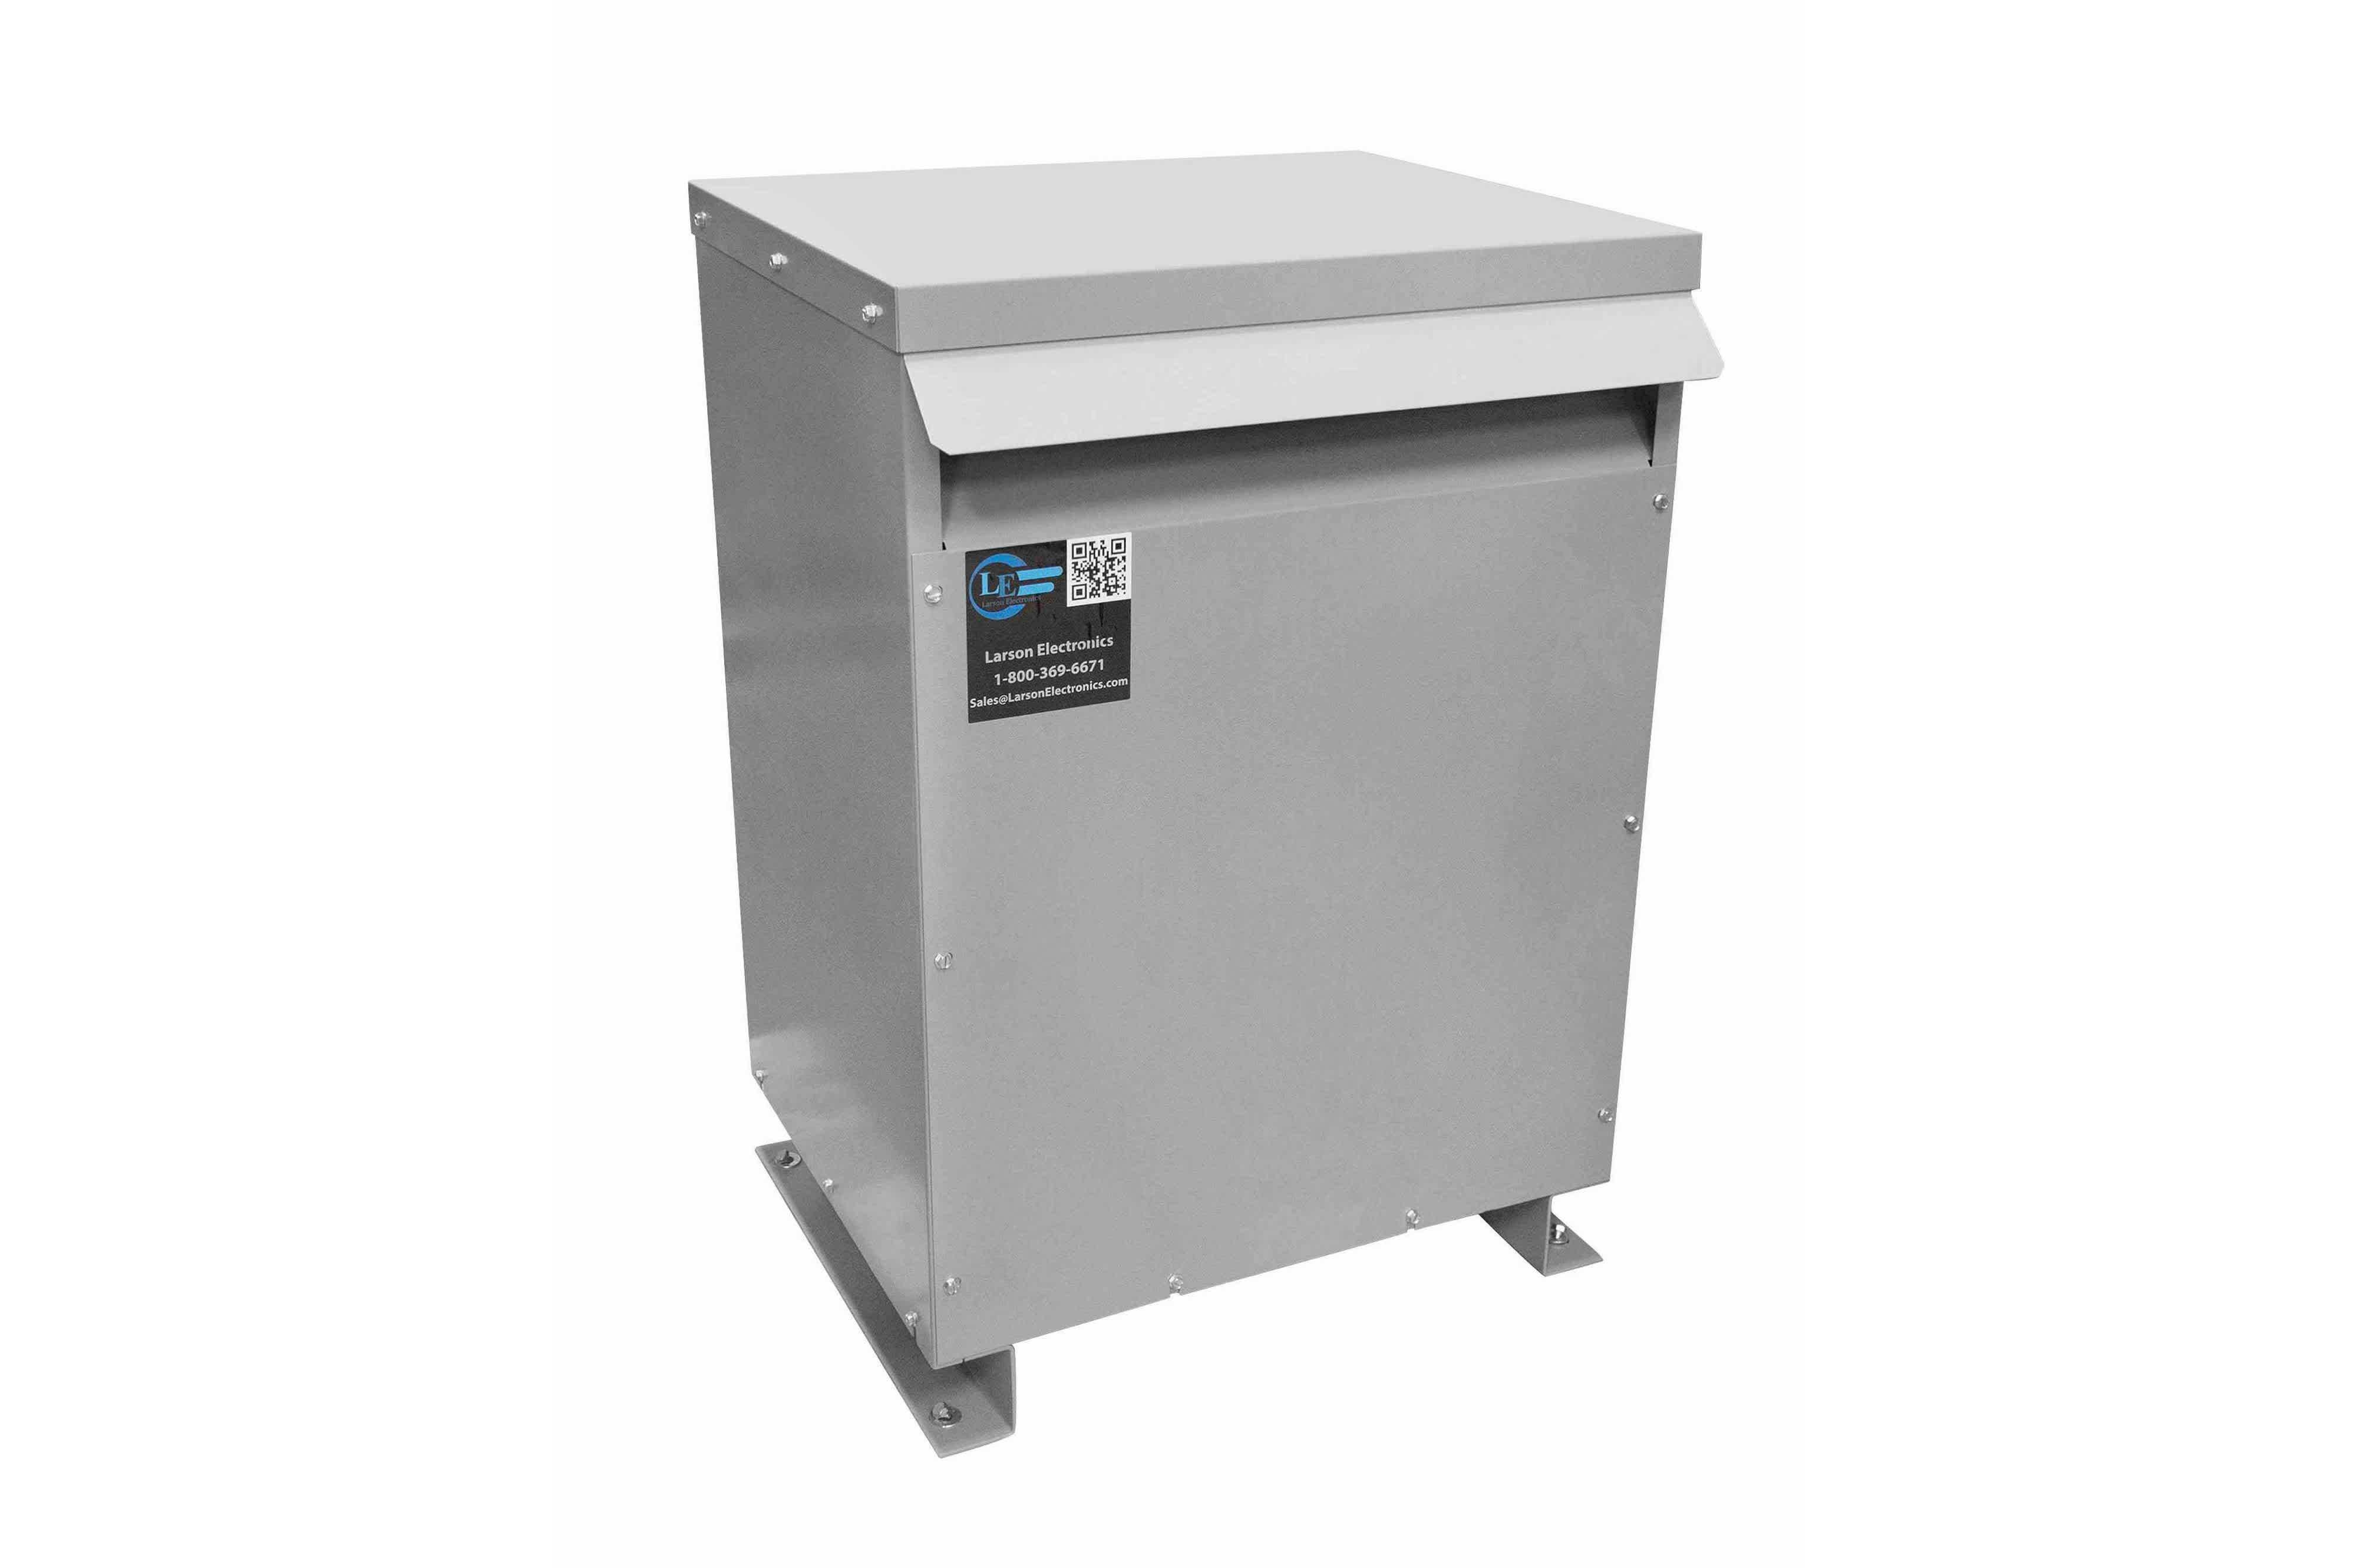 750 kVA 3PH DOE Transformer, 460V Delta Primary, 240V/120 Delta Secondary, N3R, Ventilated, 60 Hz